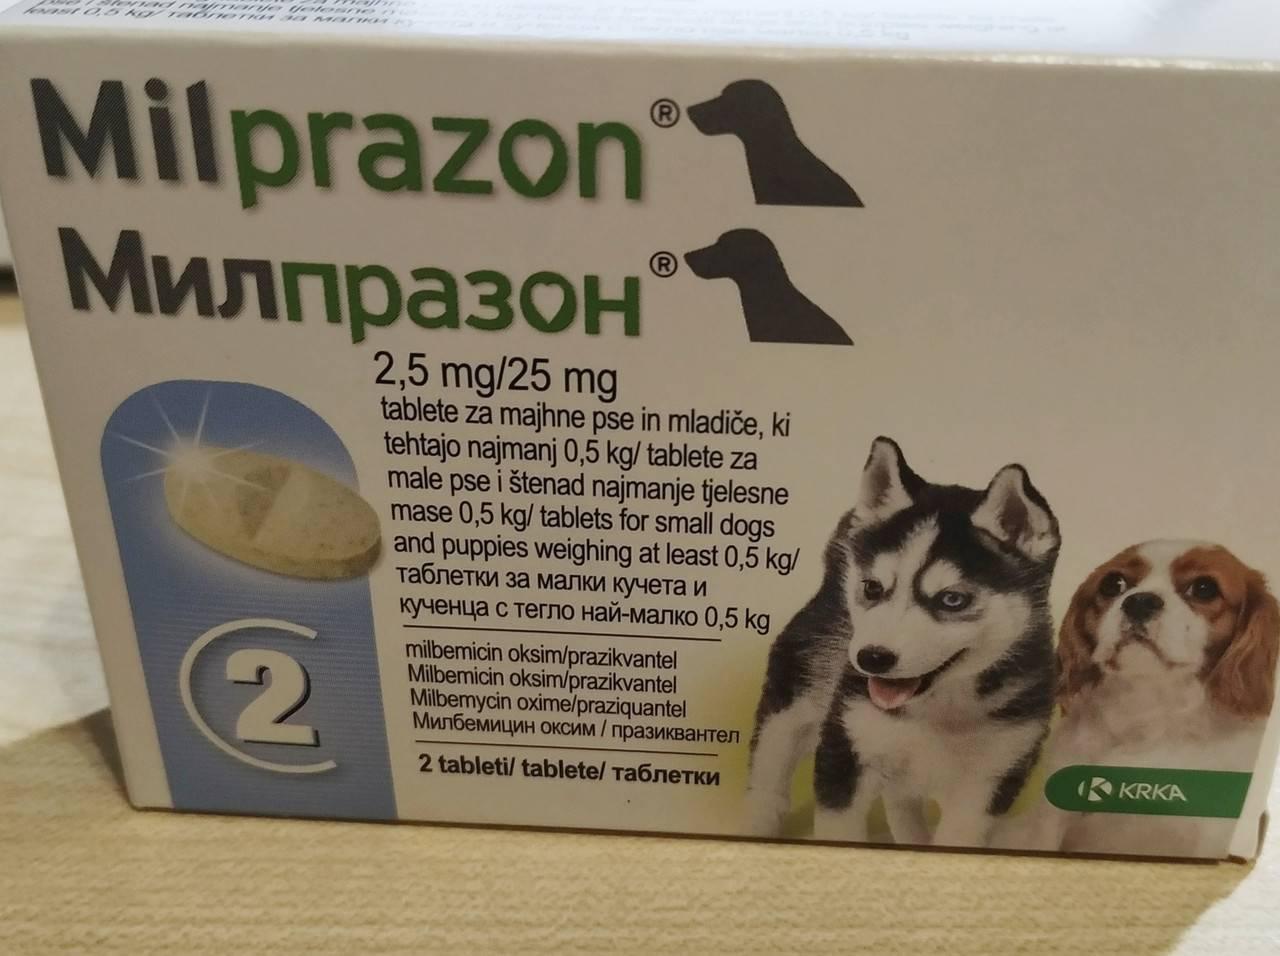 Милпразон таблетки для кошек более 2 кг - купить, цена и аналоги, инструкция по применению, отзывы в интернет ветаптеке добропесик